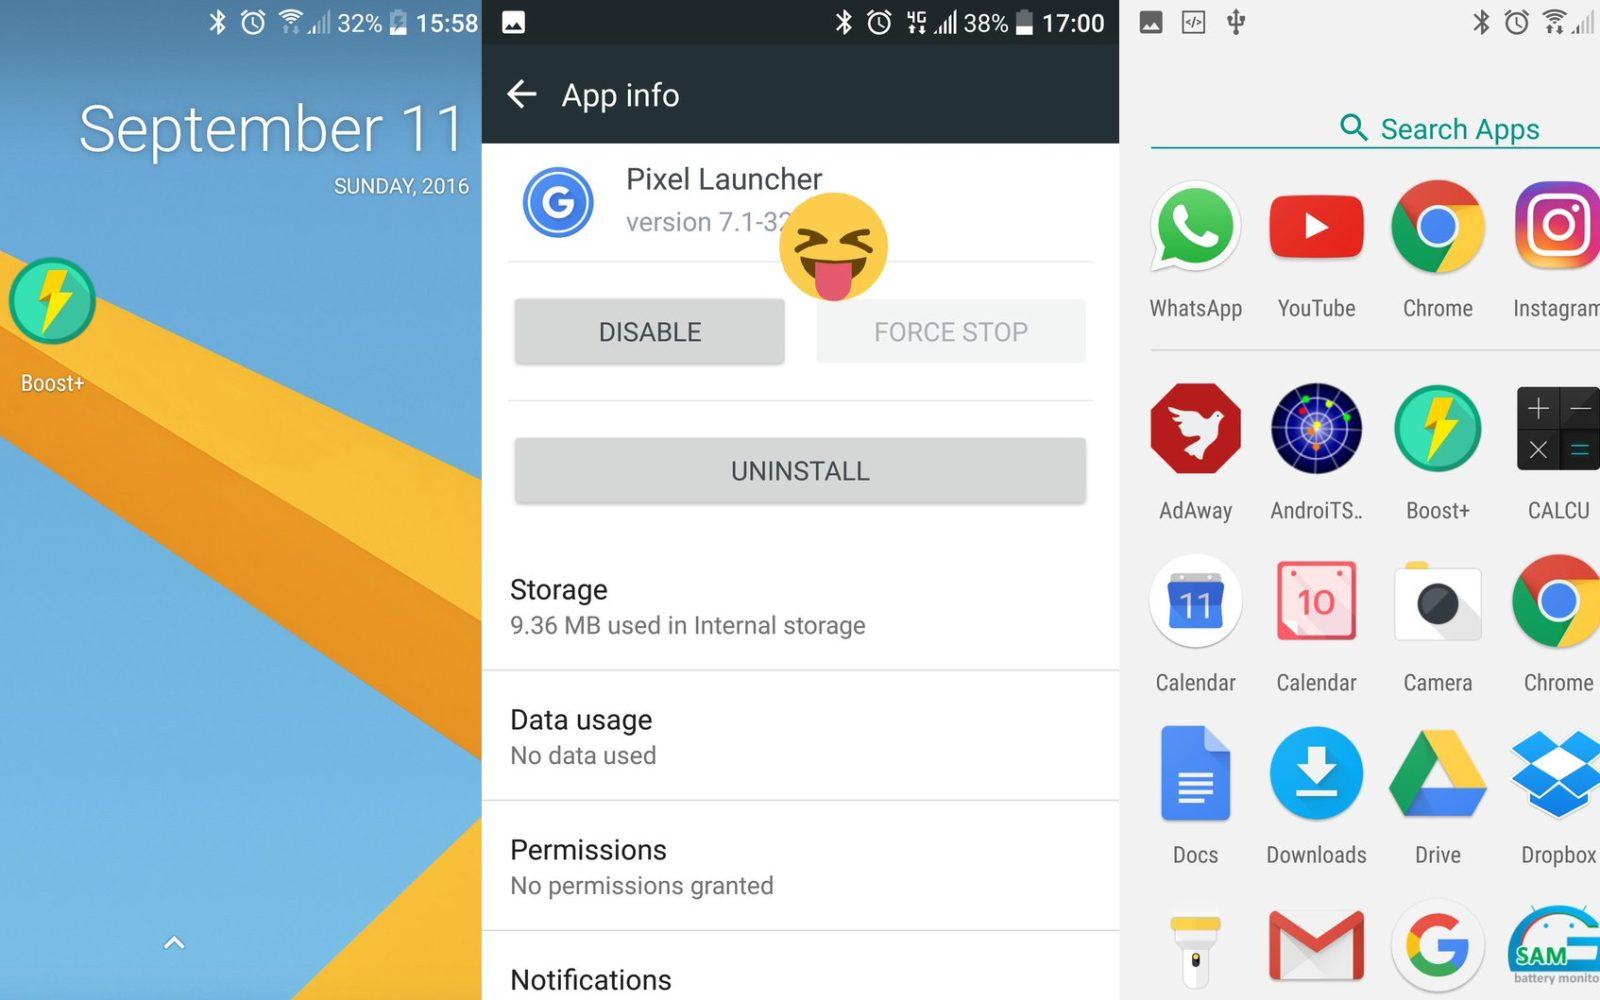 Google's Nexus Launcher is apparently now called Pixel